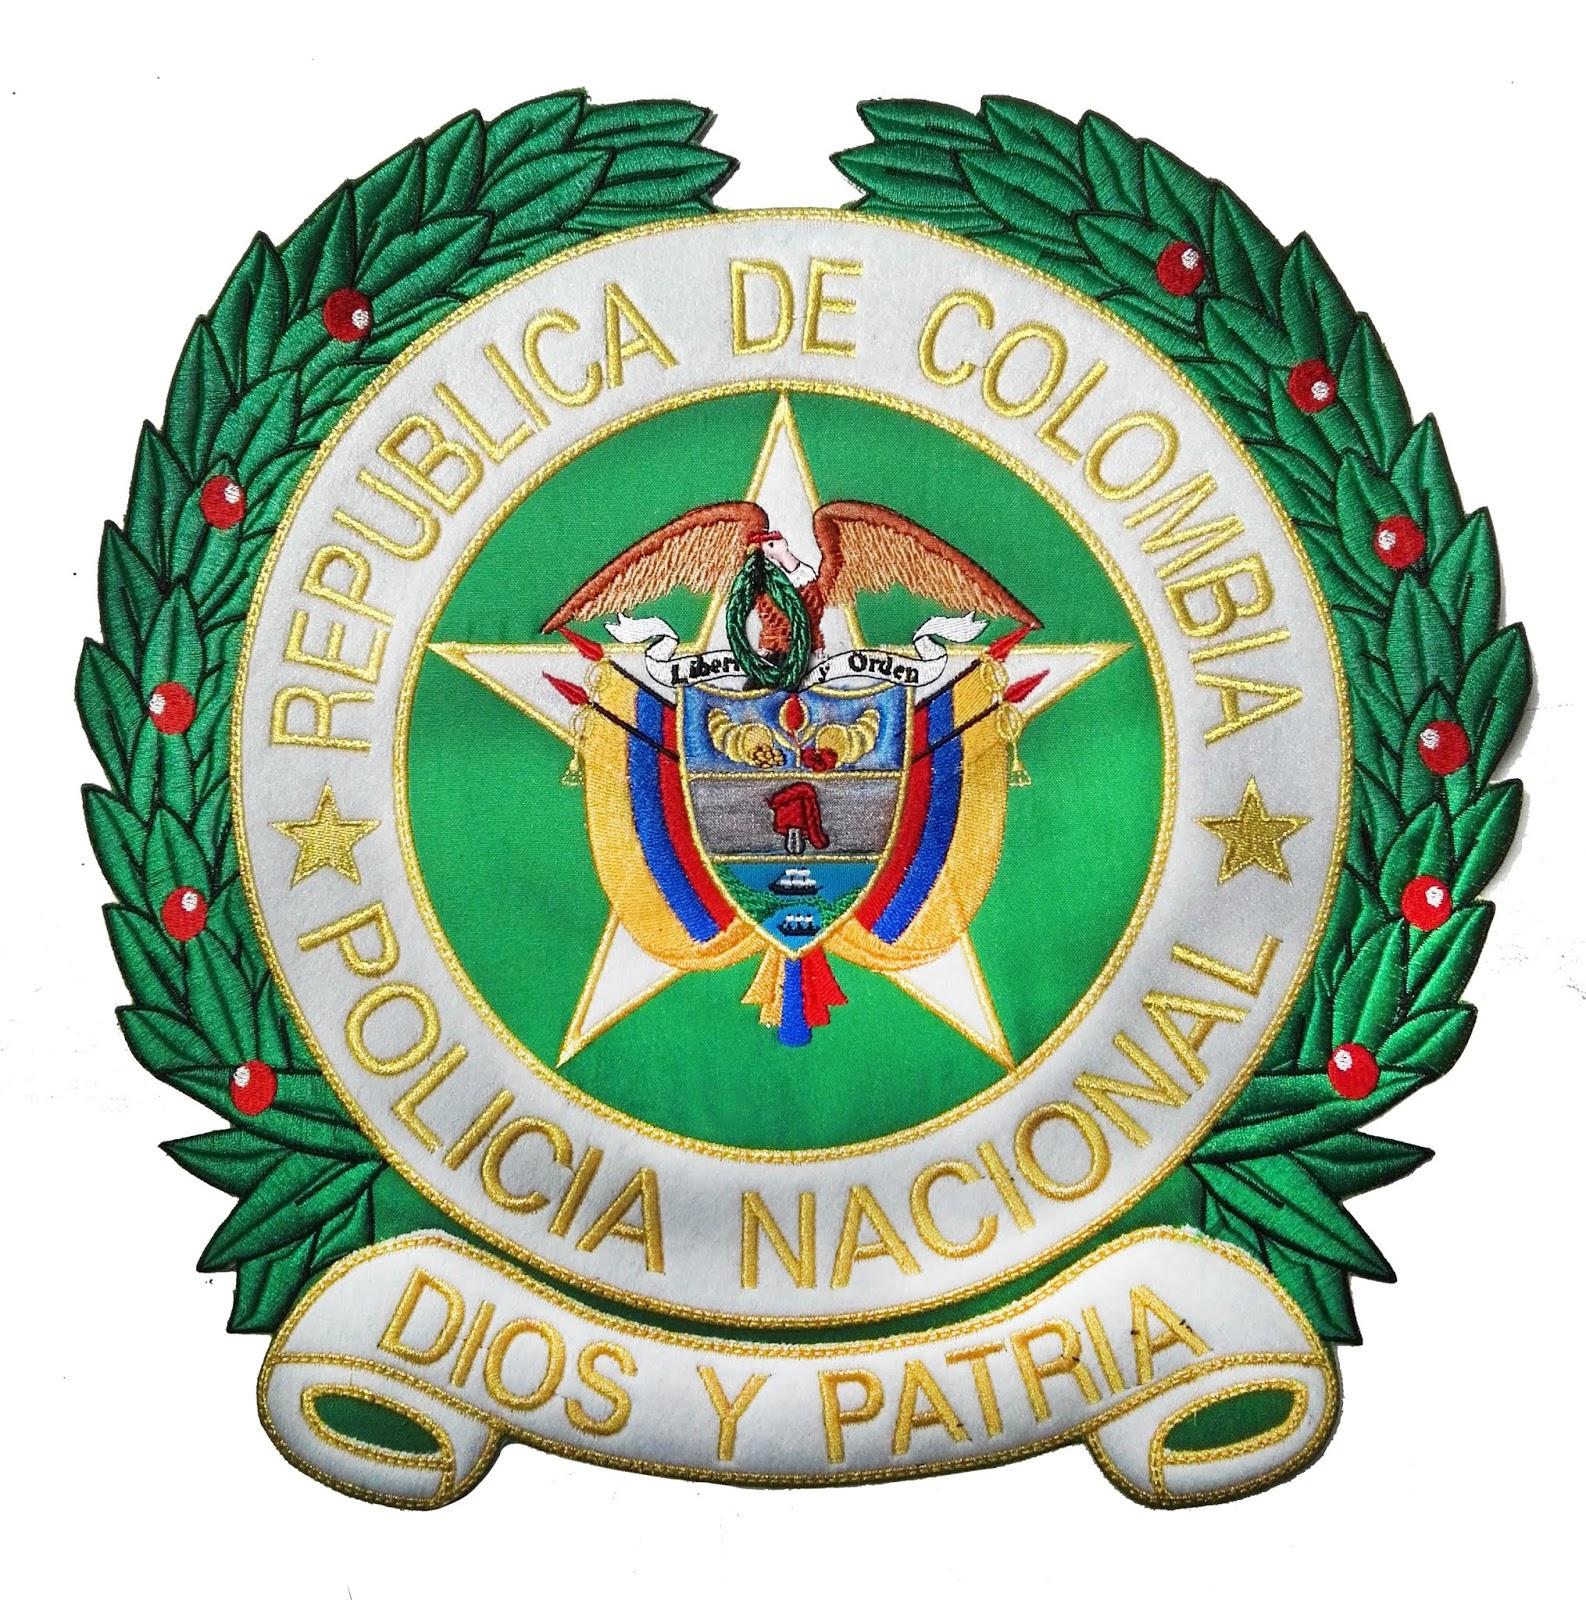 Escudo Heraldica Policia Nacional Diseno Bordado Ponchado Patron Su Historia